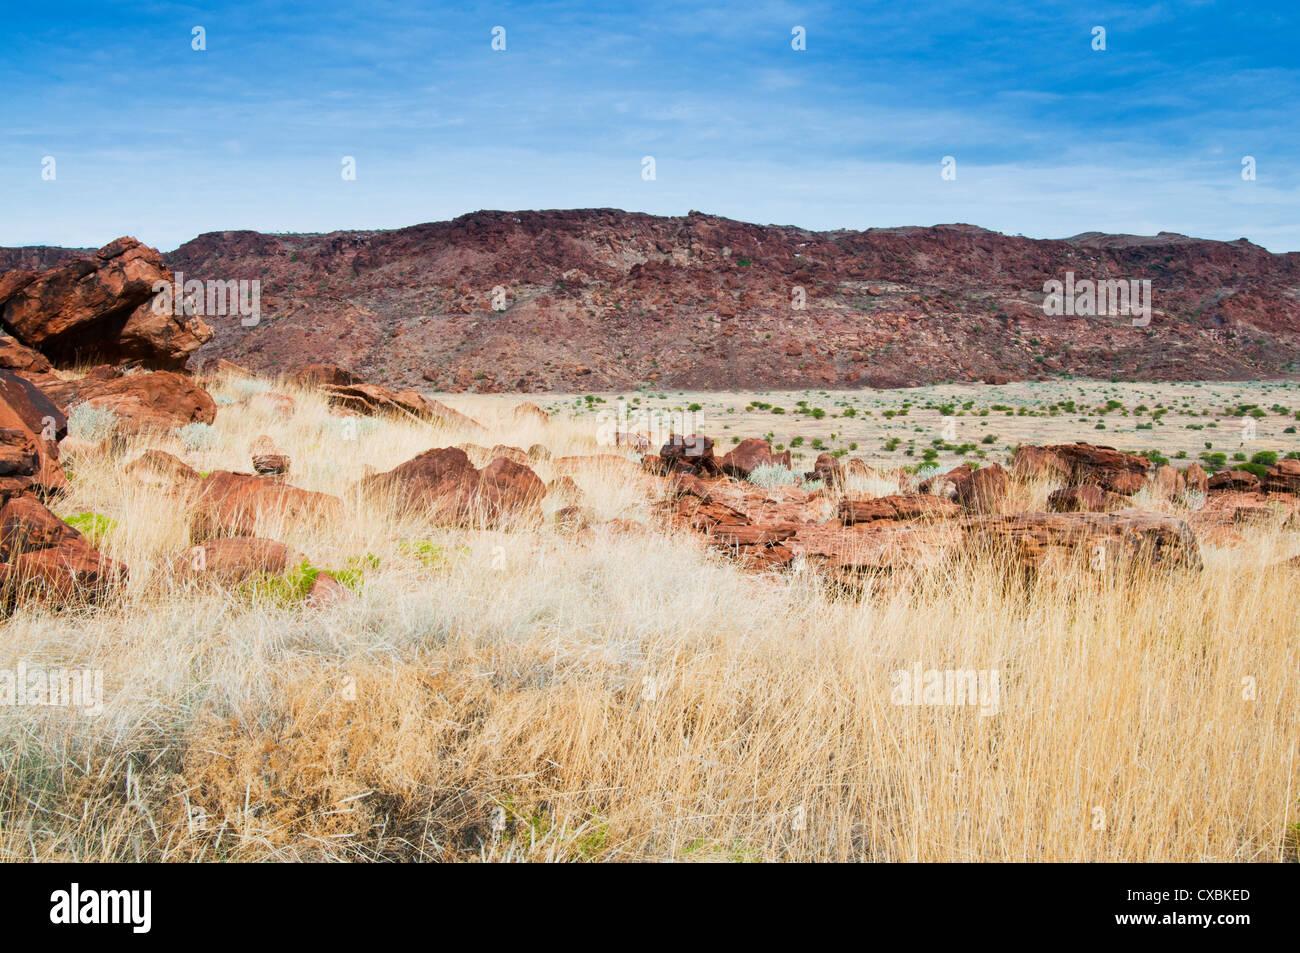 Twyfelfontein, site du patrimoine mondial de l'UNESCO, la région de Kunene, Damaraland, Namibie, Afrique Banque D'Images